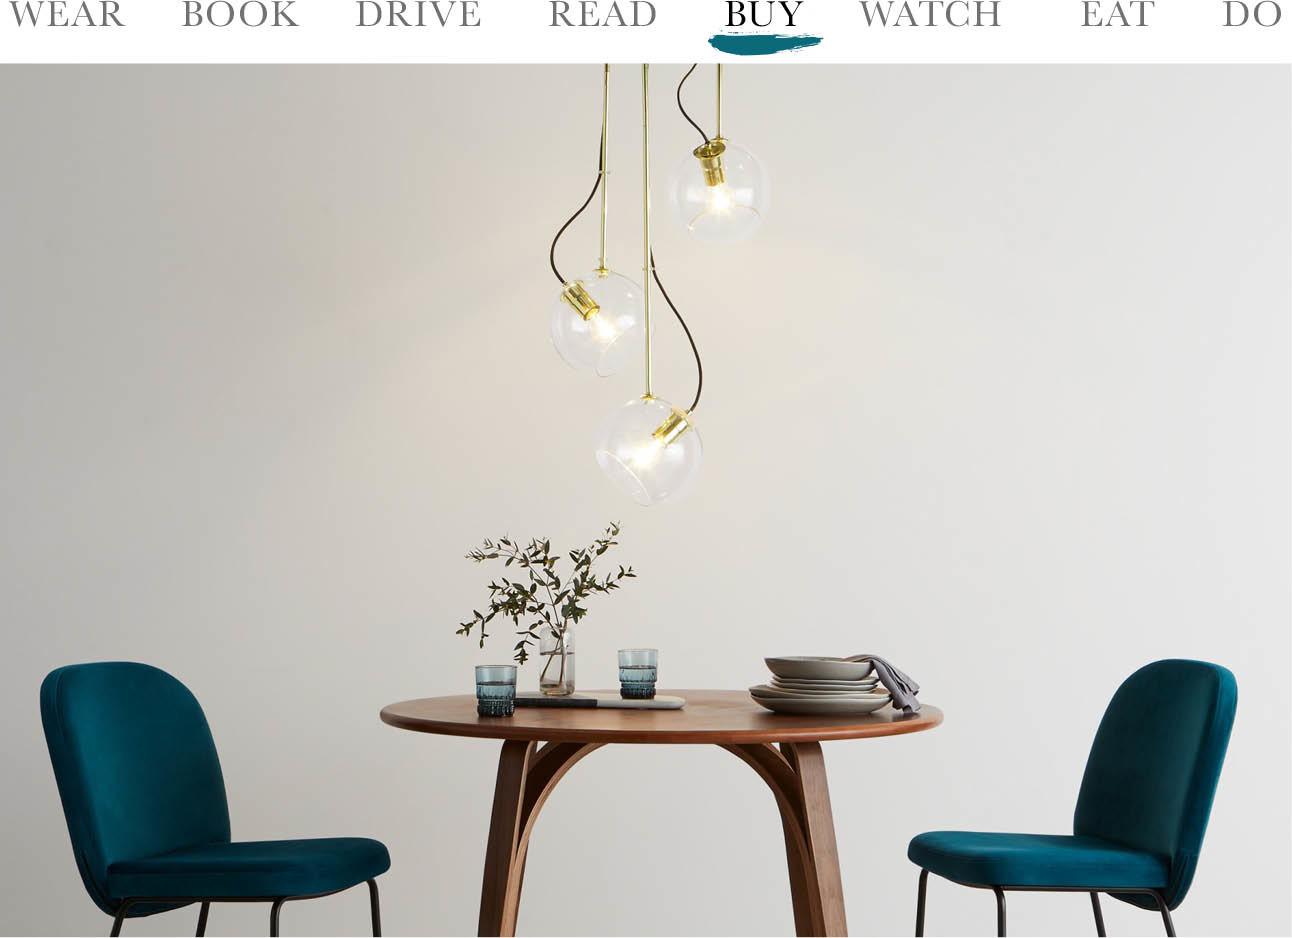 tafel met stoelen en een gouden lamp